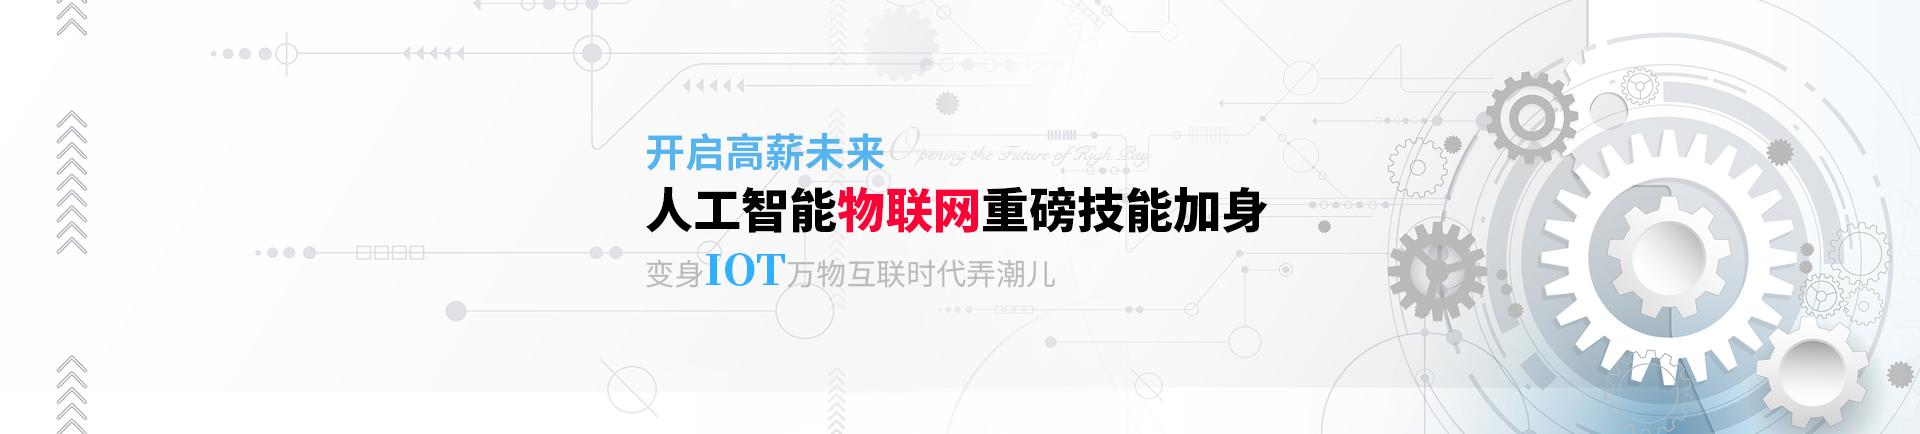 人工智能物�网�磅技能加身 �身IOT万物互�时代弄潮儿-shanghai